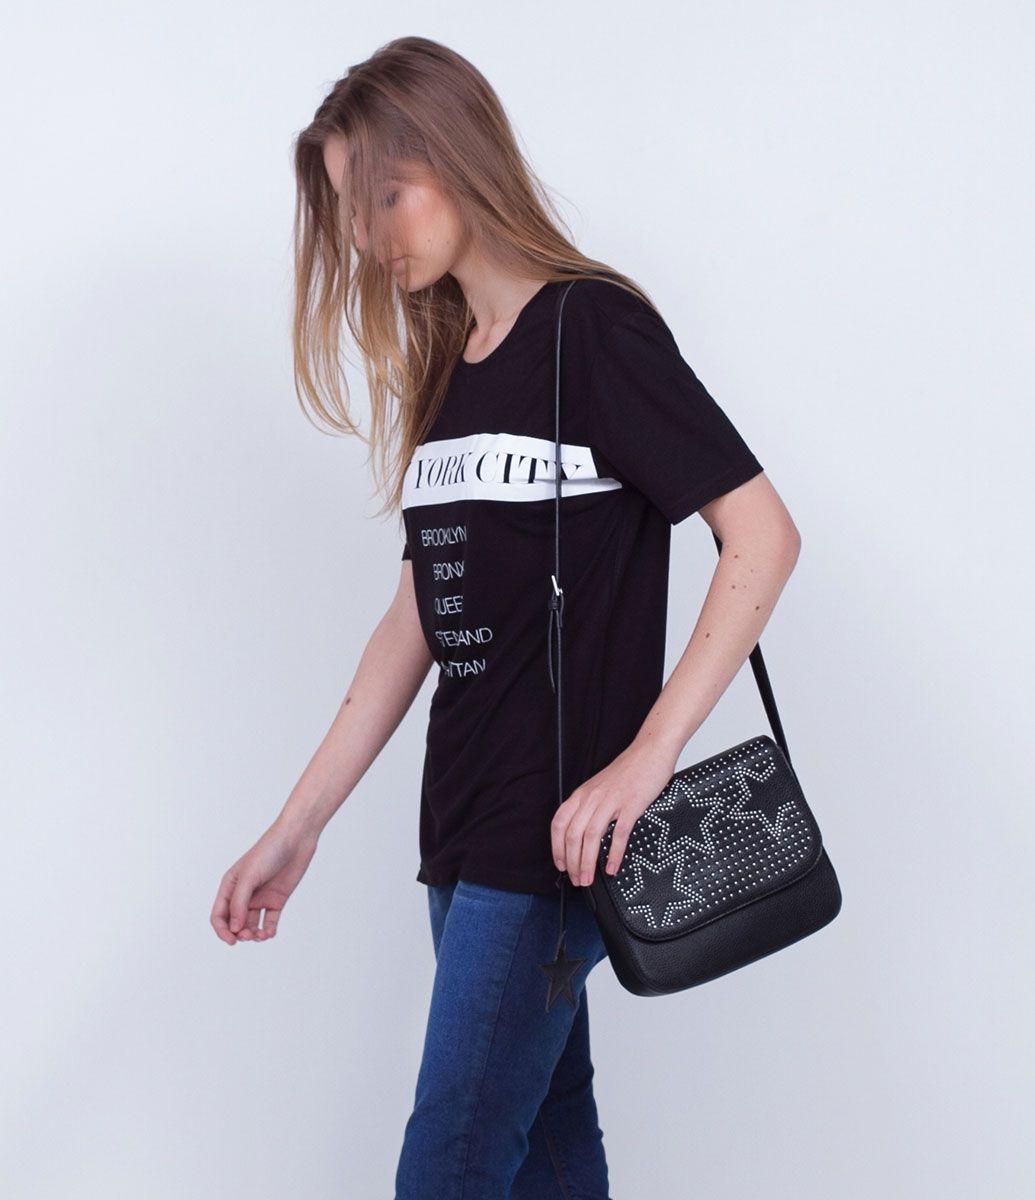 Bolsa Feminina Com Lapela Mondaine : Bolsa feminina modelo transversal com lapela